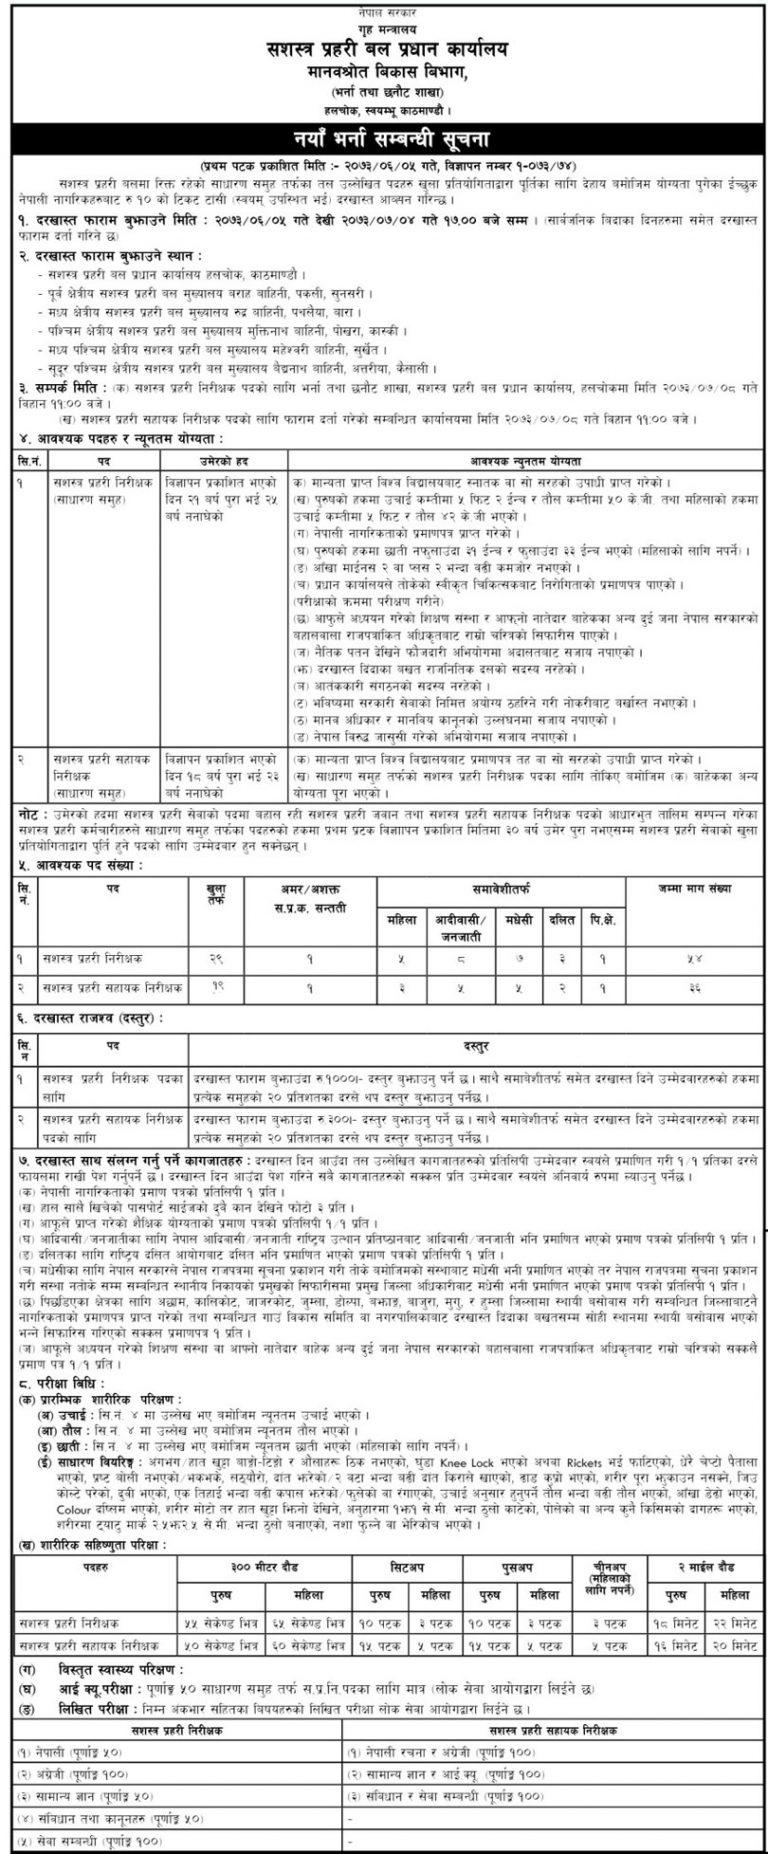 vacancy-in-apf-768x1854